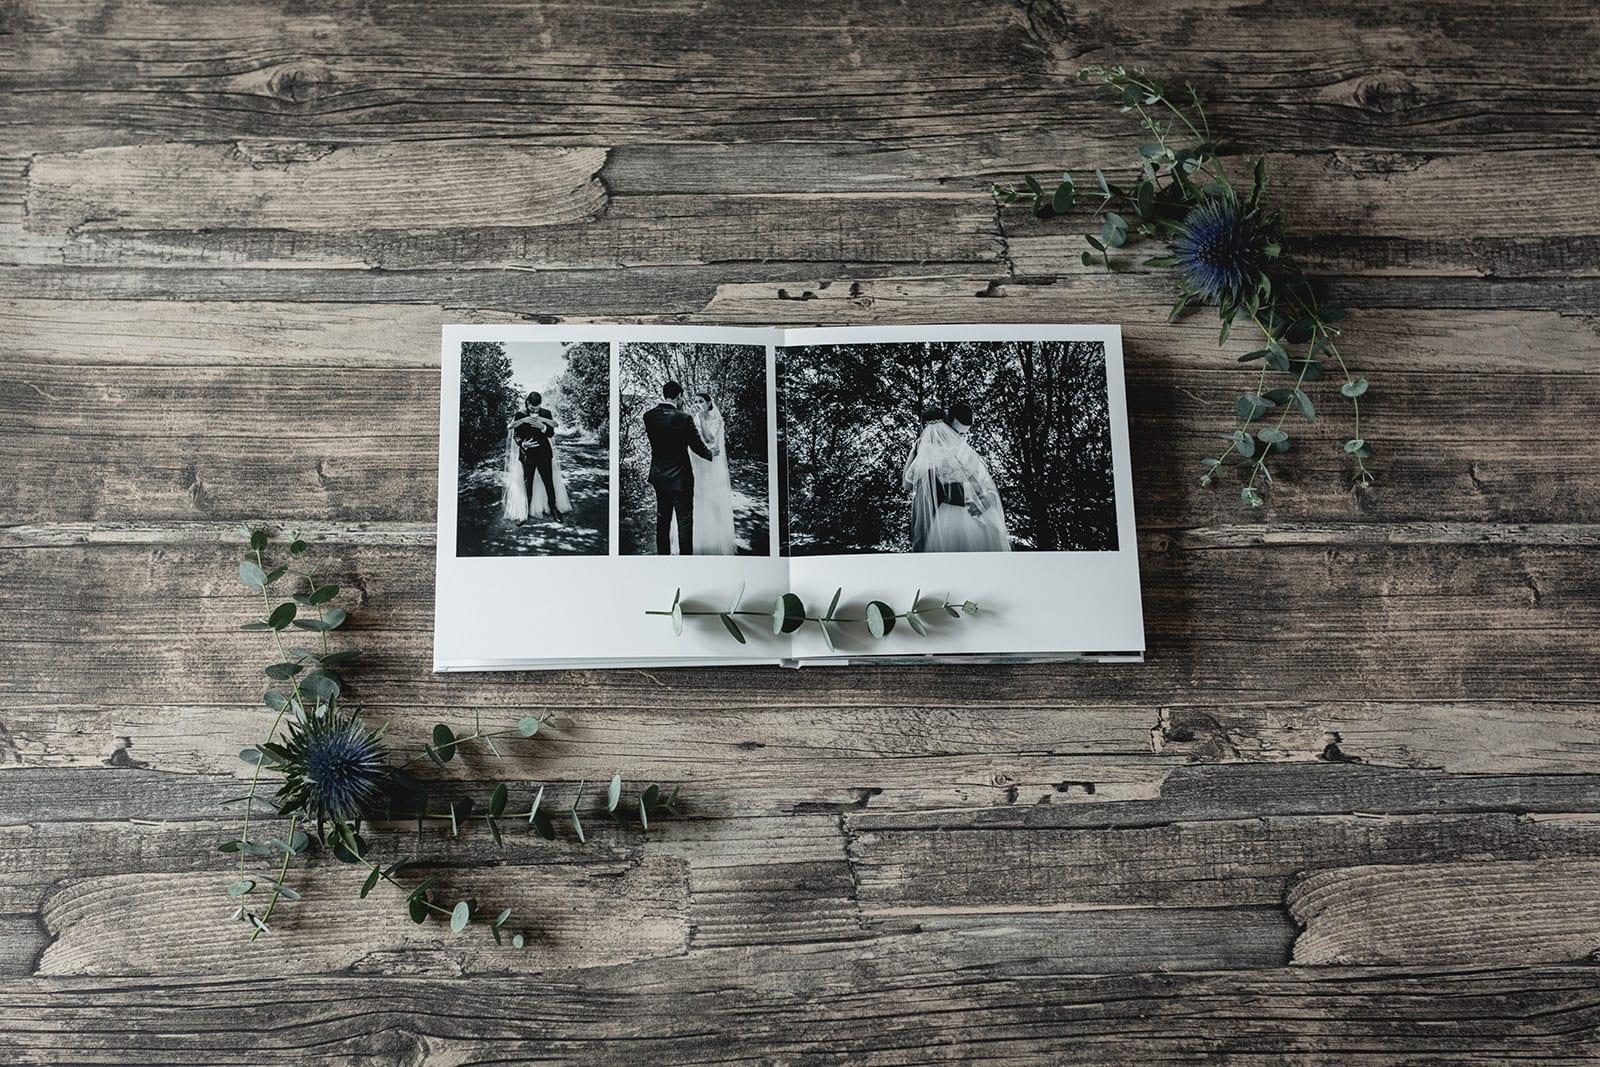 Tania-Flores-Hochzeitsfotografie-Hochzeitsbox-Hochzeitsalbum-6